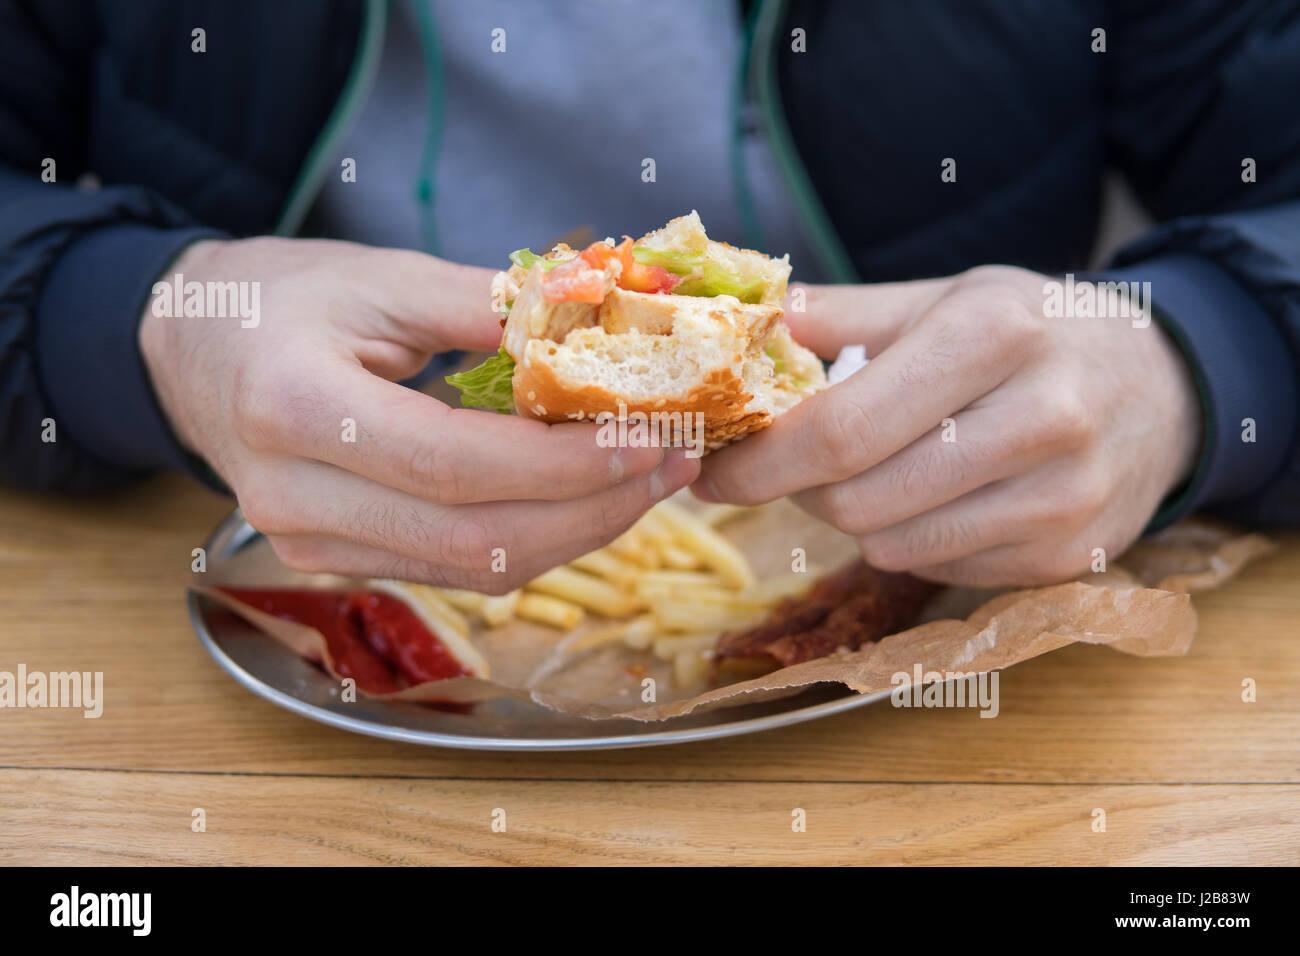 Men's hands hold a piece of bitten burger. - Stock Image